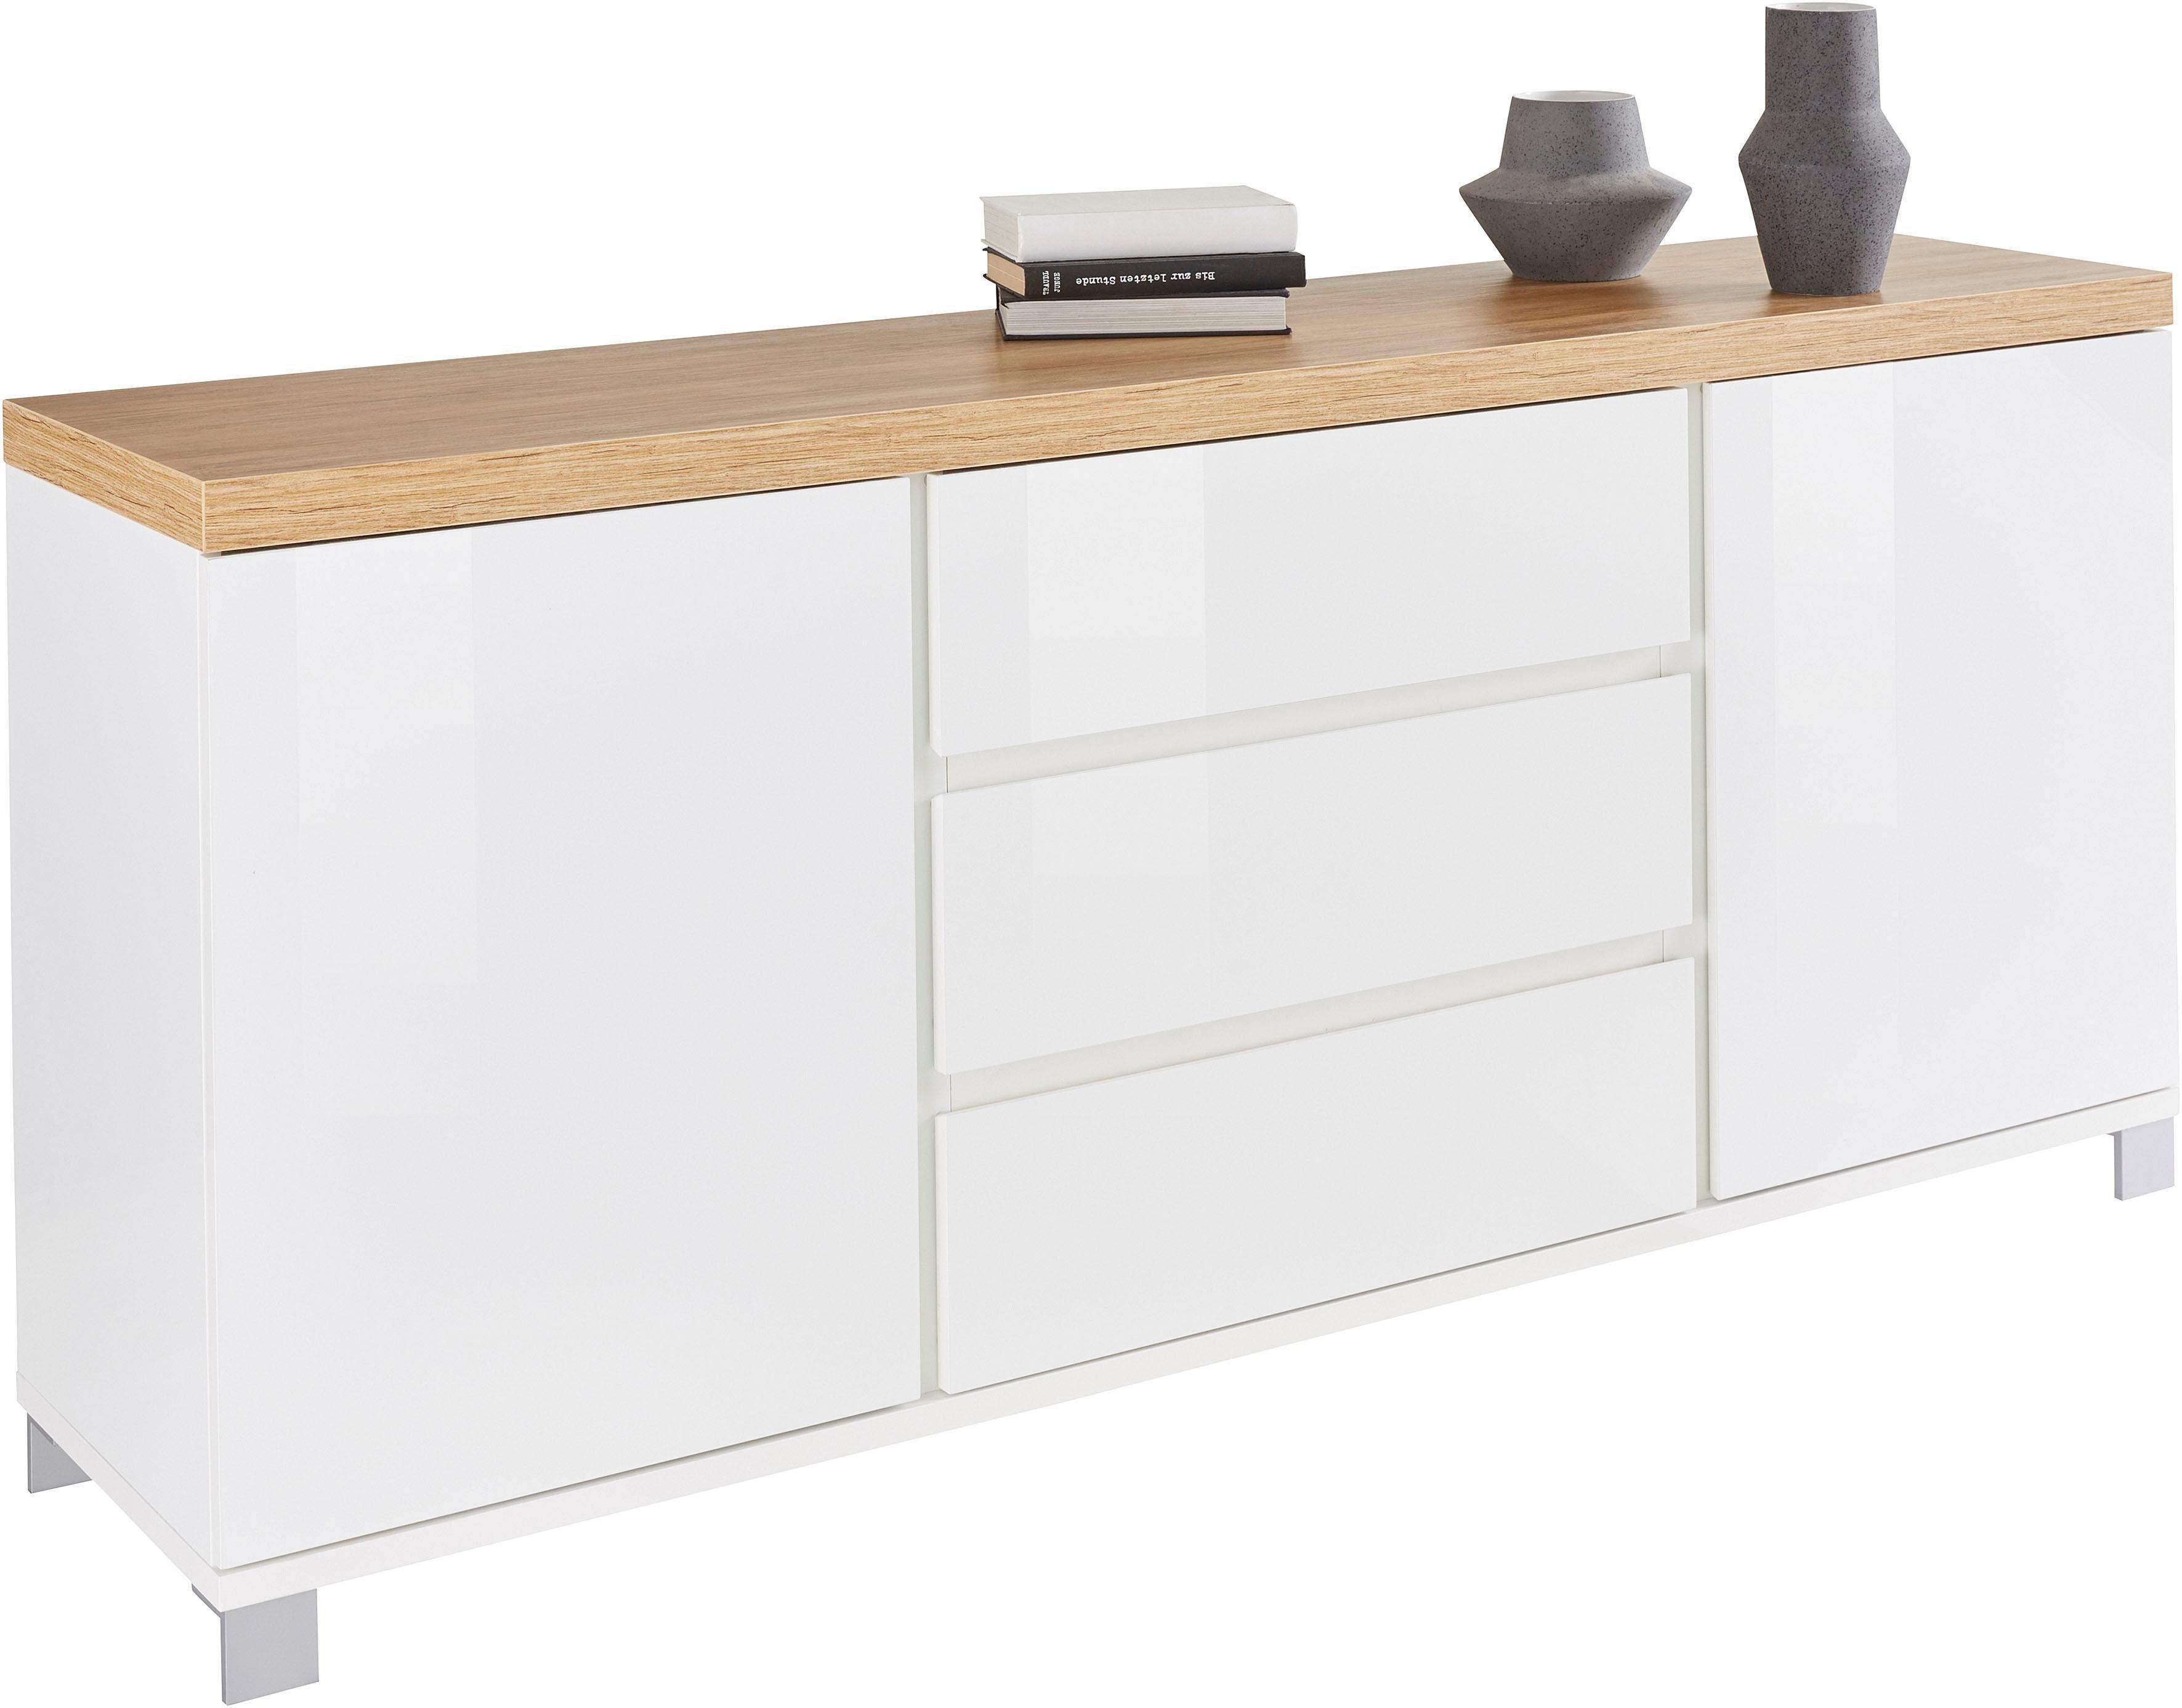 Schrankchen Weis Hochglanz ~ Ikea kommode weiß hochglanz ebay kleinanzeigen